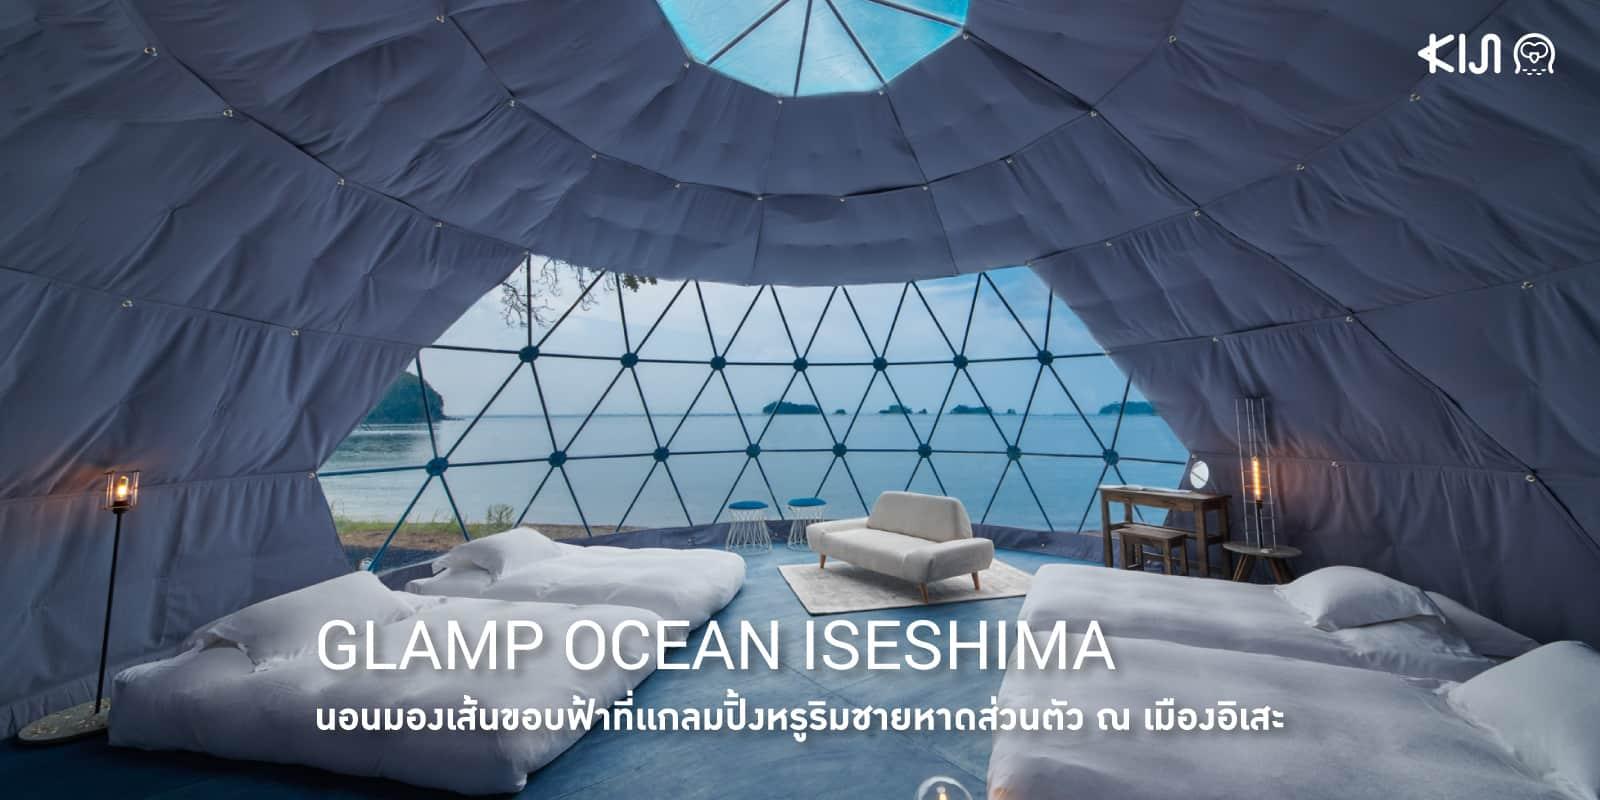 GLAMP OCEAN ISESHIMA แกลมปิ้งในญี่ปุ่น เมืองอิเสะ (Ise) จังหวัดมิเอะ (Mie)